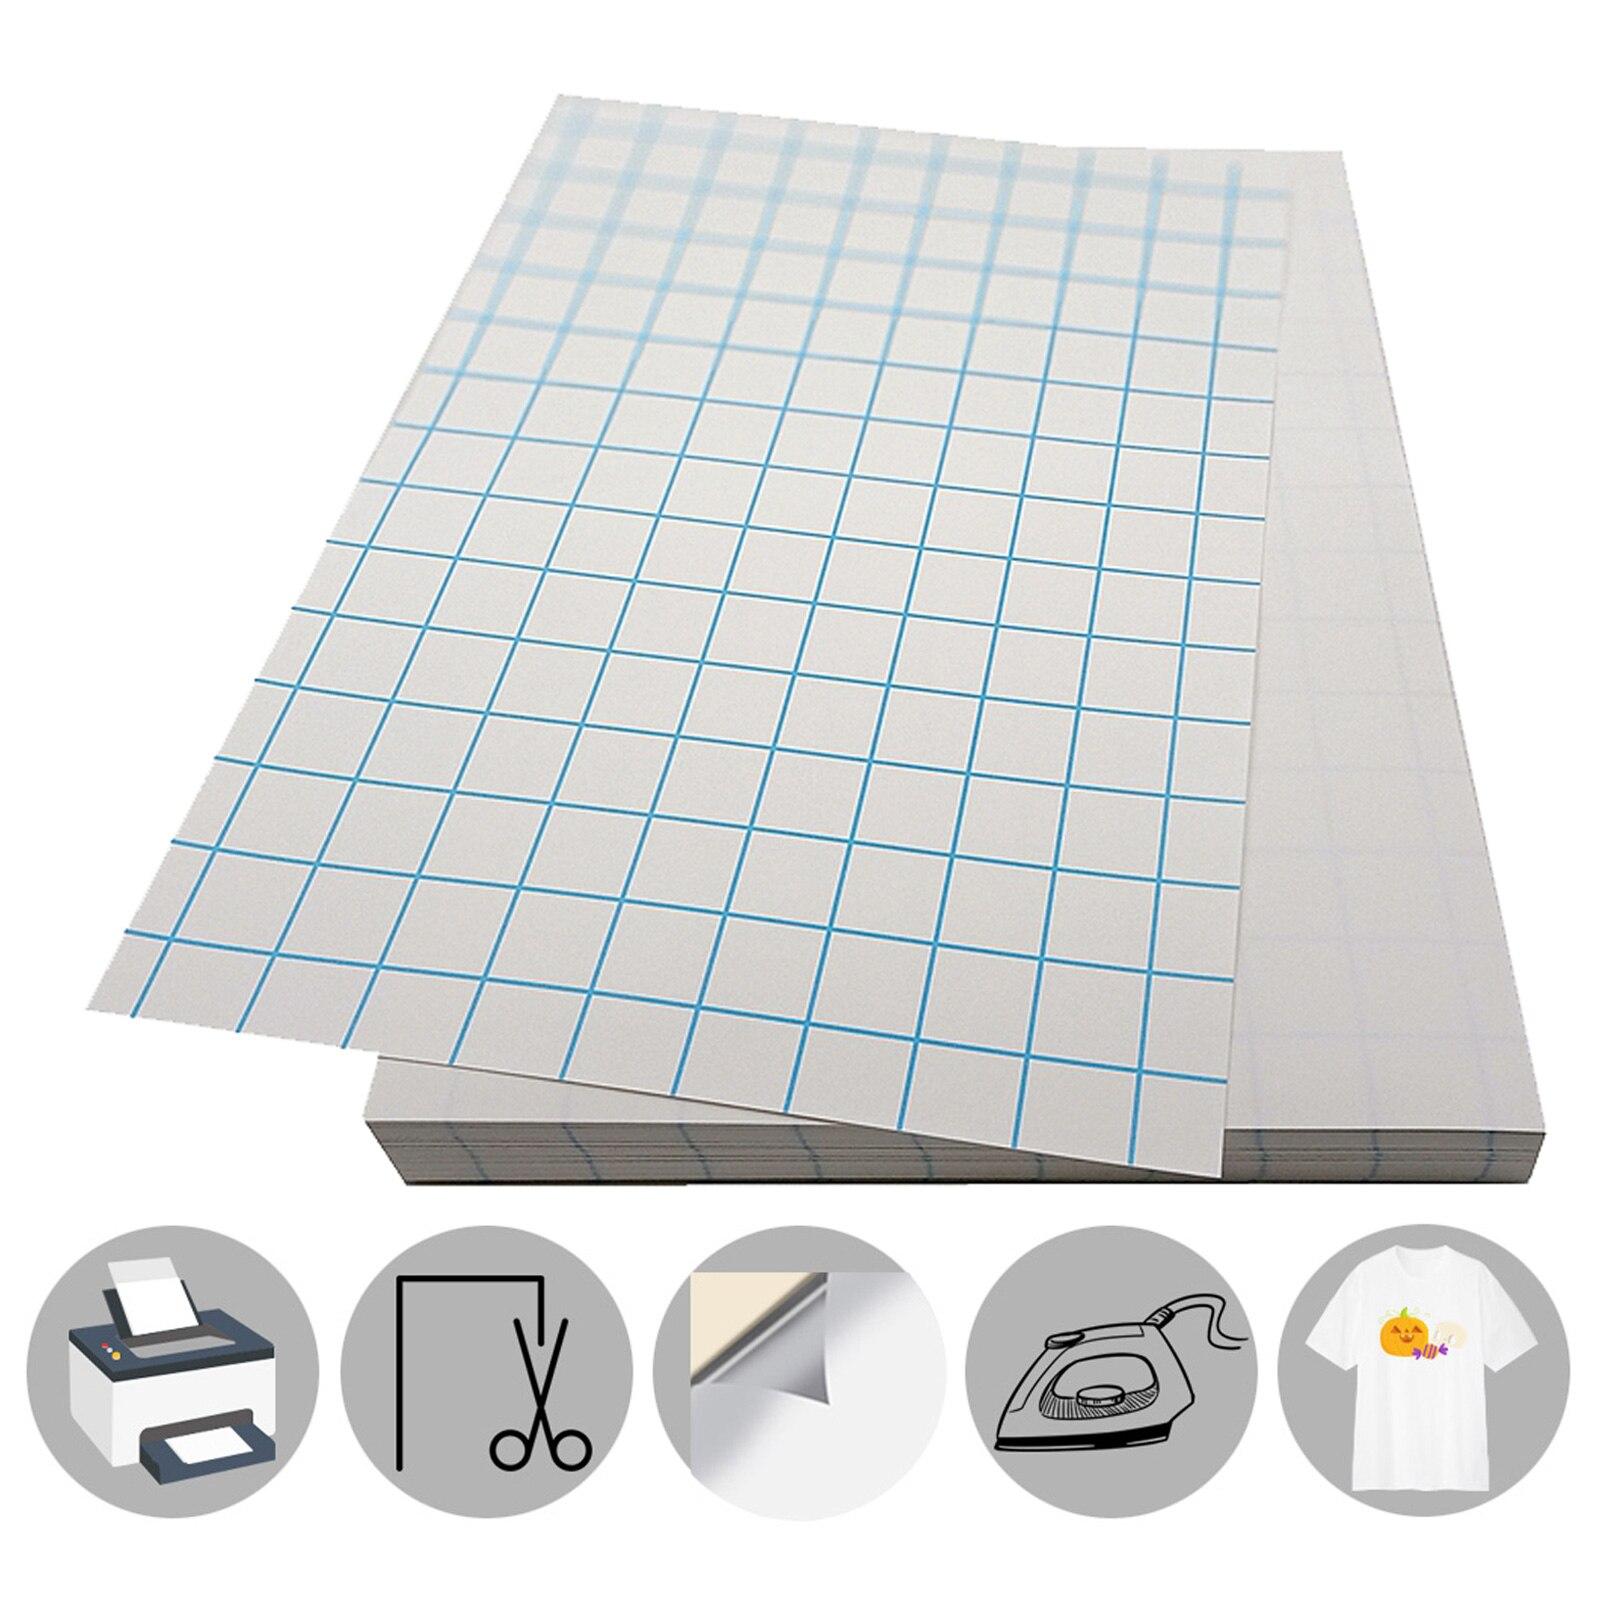 Термобумага для печати на футболках A4, термобумага для печати на темной светильник Лой одежде, водонепроницаемая печать